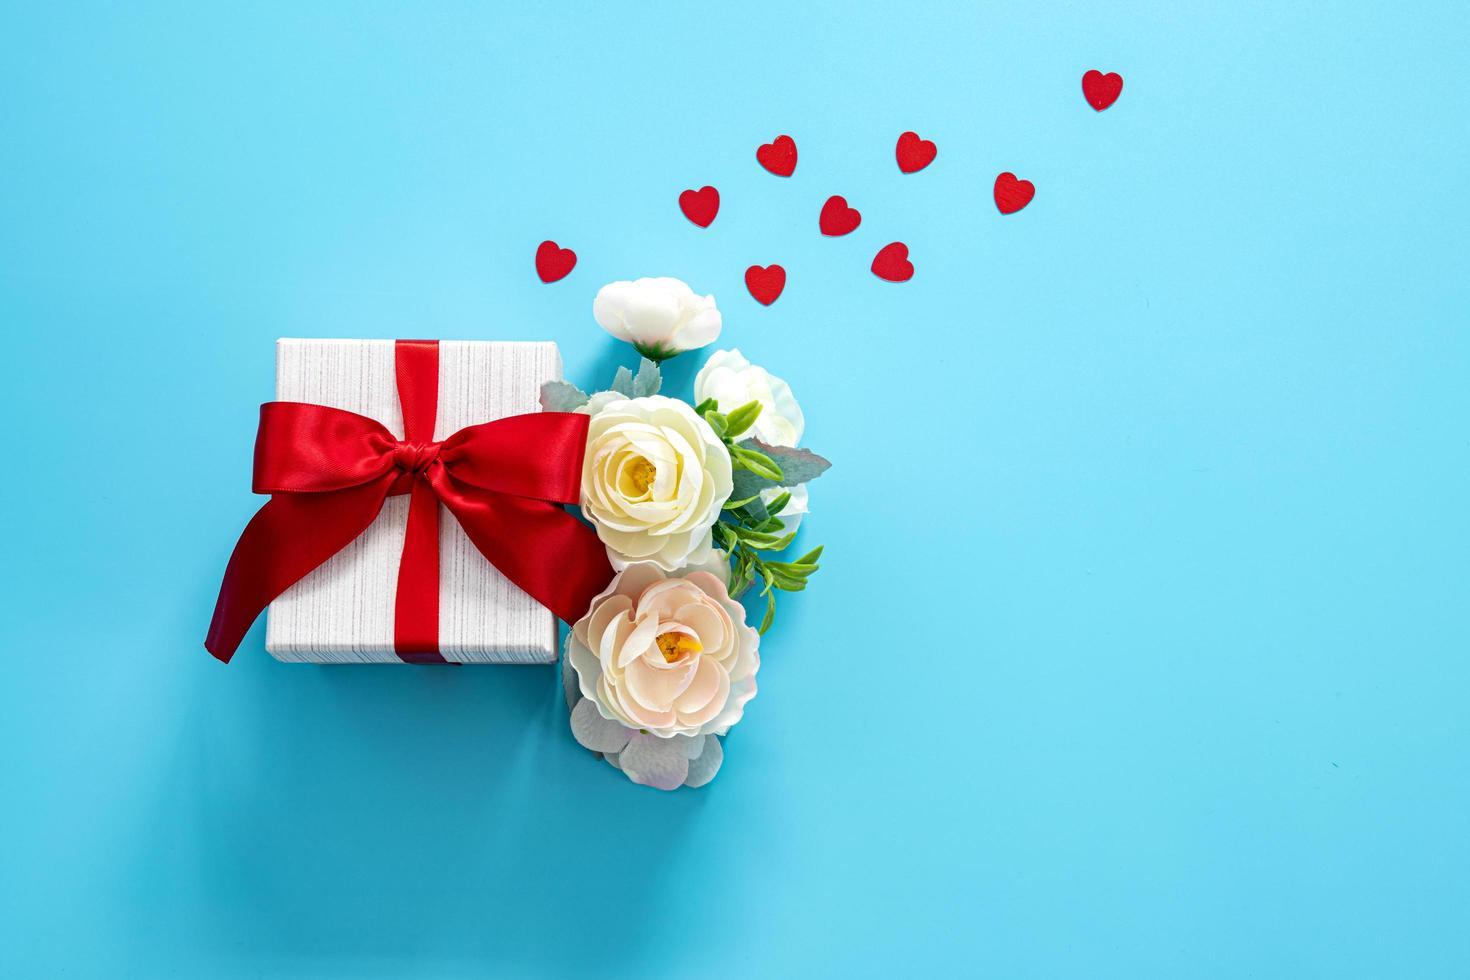 coffret cadeau avec fleurs et coeurs sur fond bleu photo